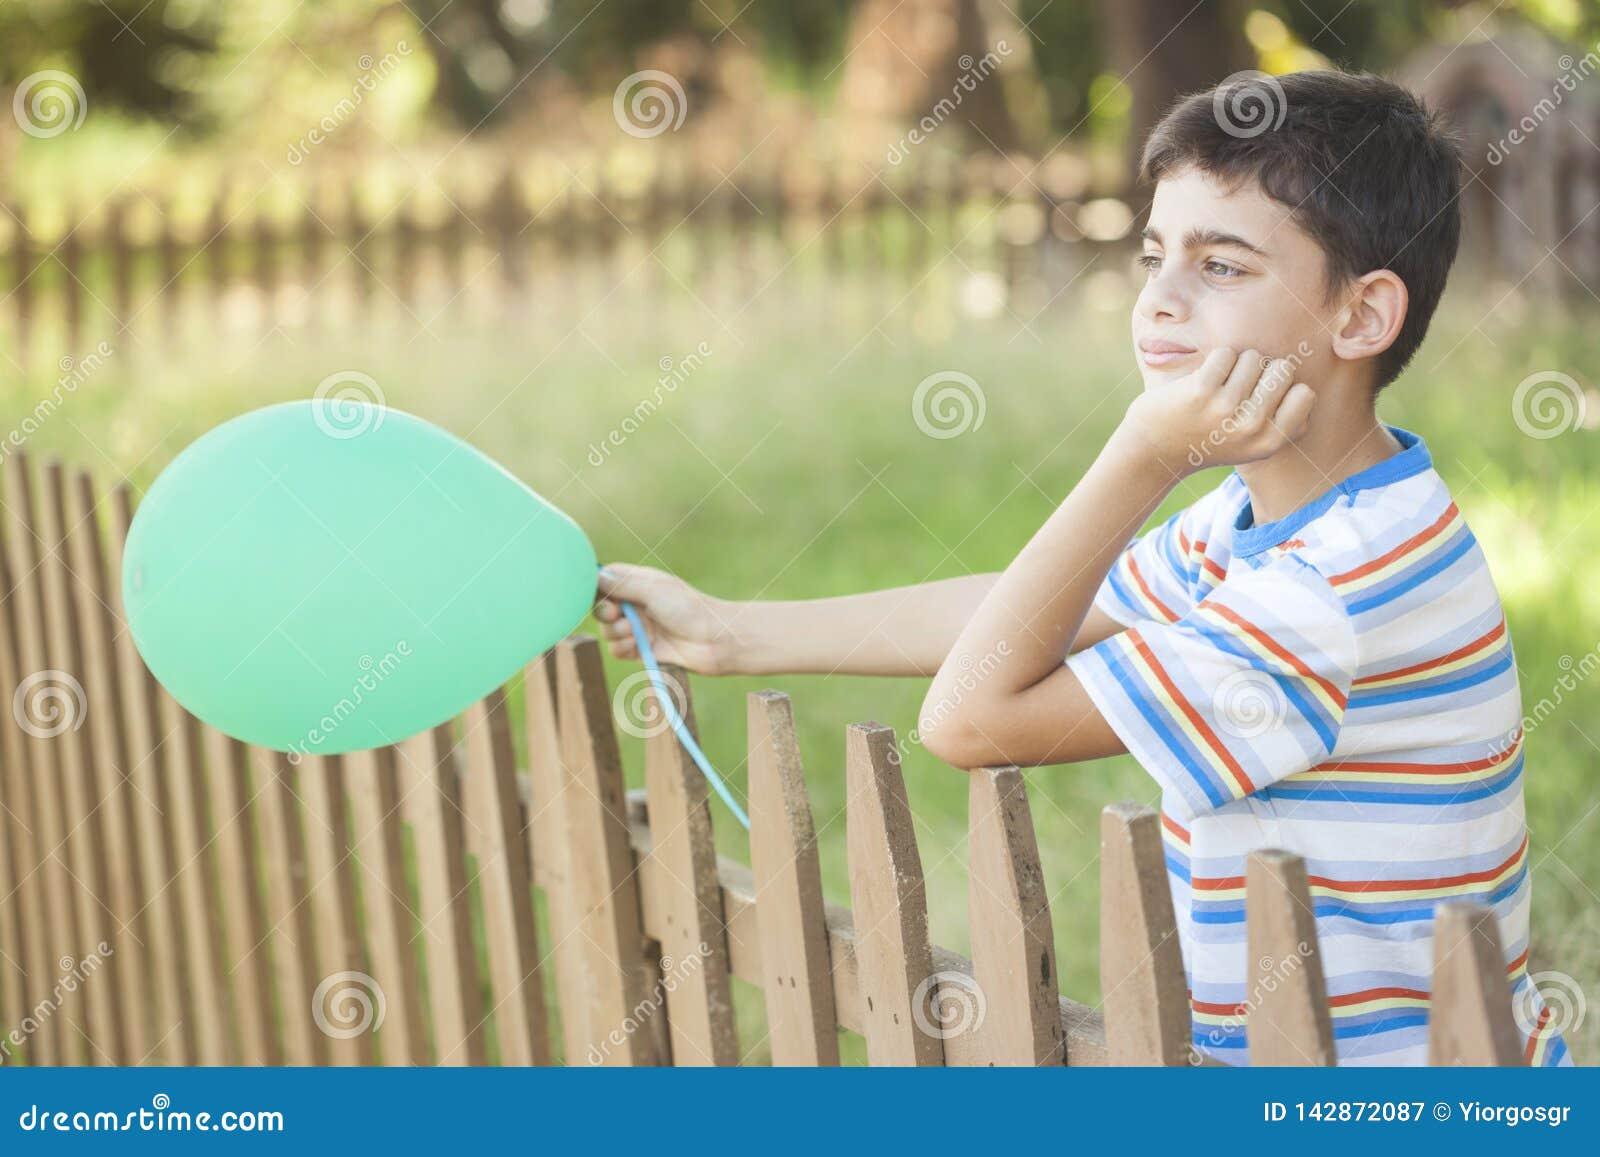 无忧无虑的童年概念